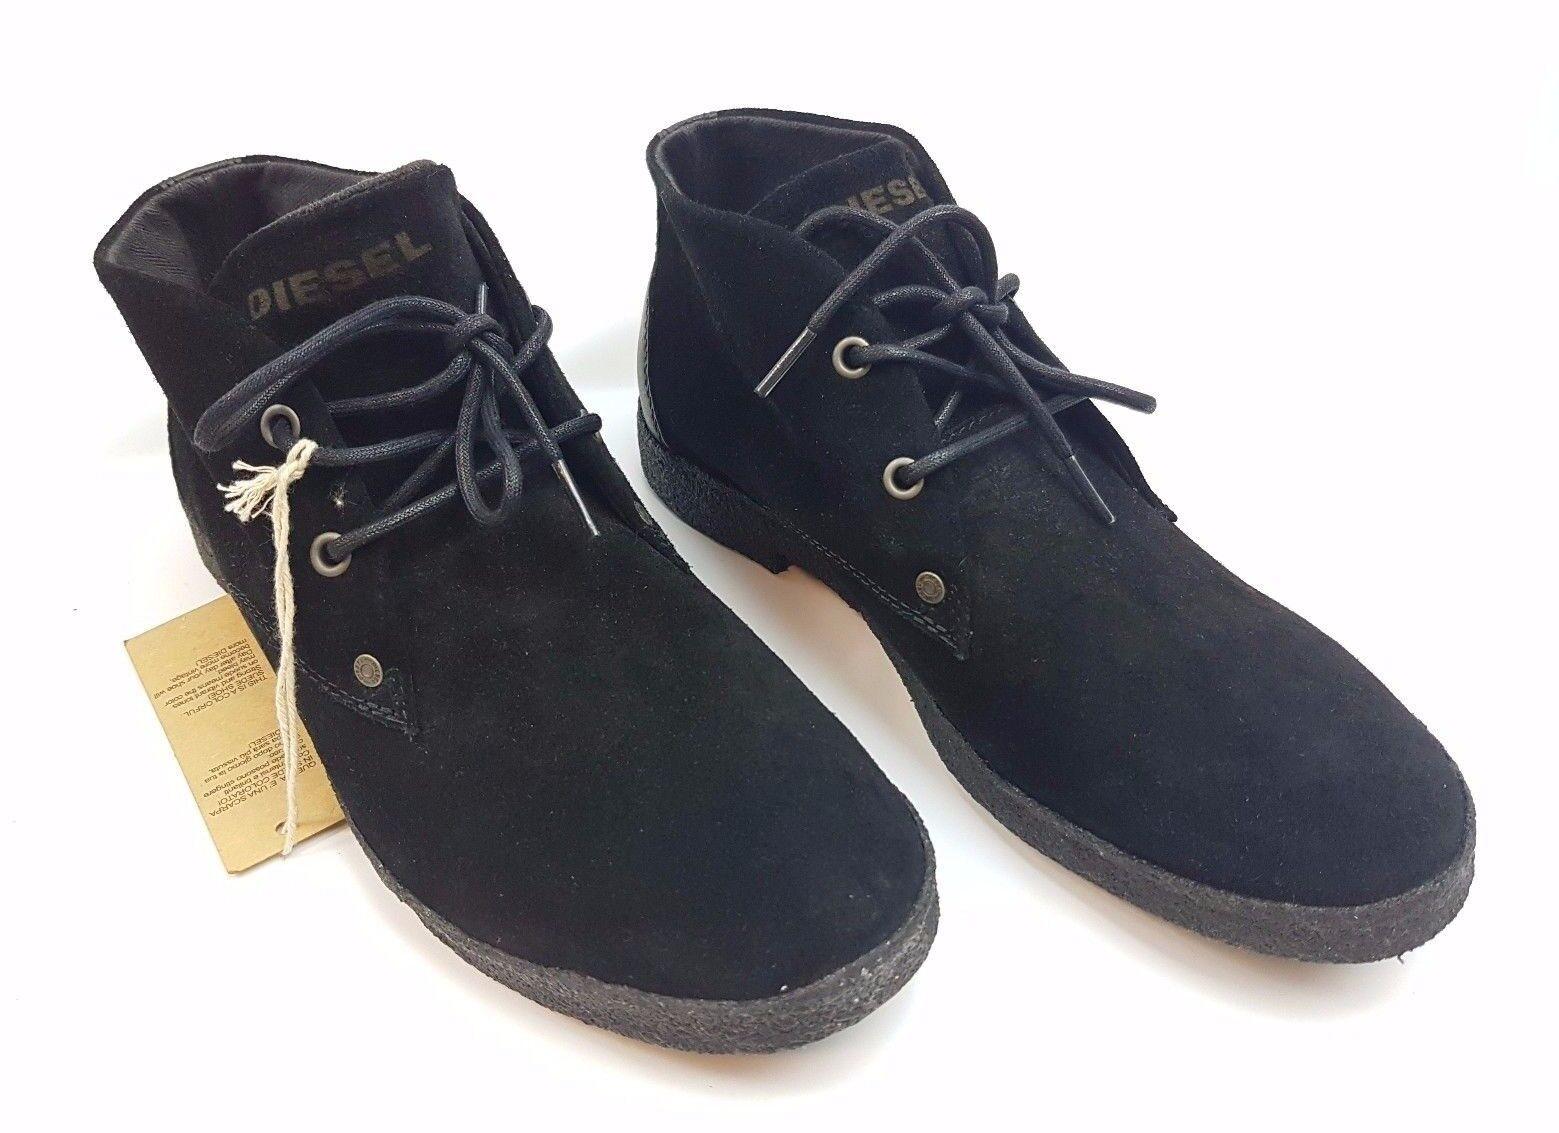 DIESEL ALBA Herren Y00779 Leder Zapatos Sneaker HalbZapatos Y00779 Herren Man Zapatos Sneakers G9 237d06